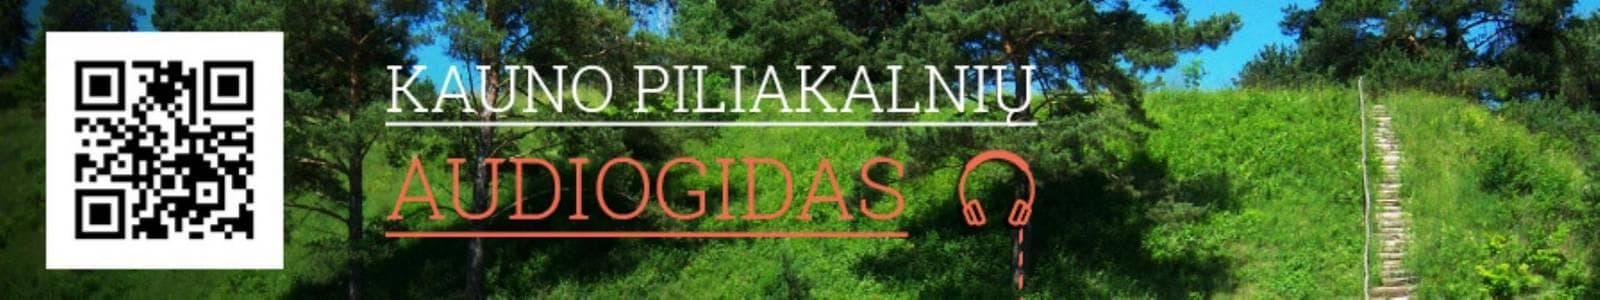 Kauno piliakalnių audiogidas